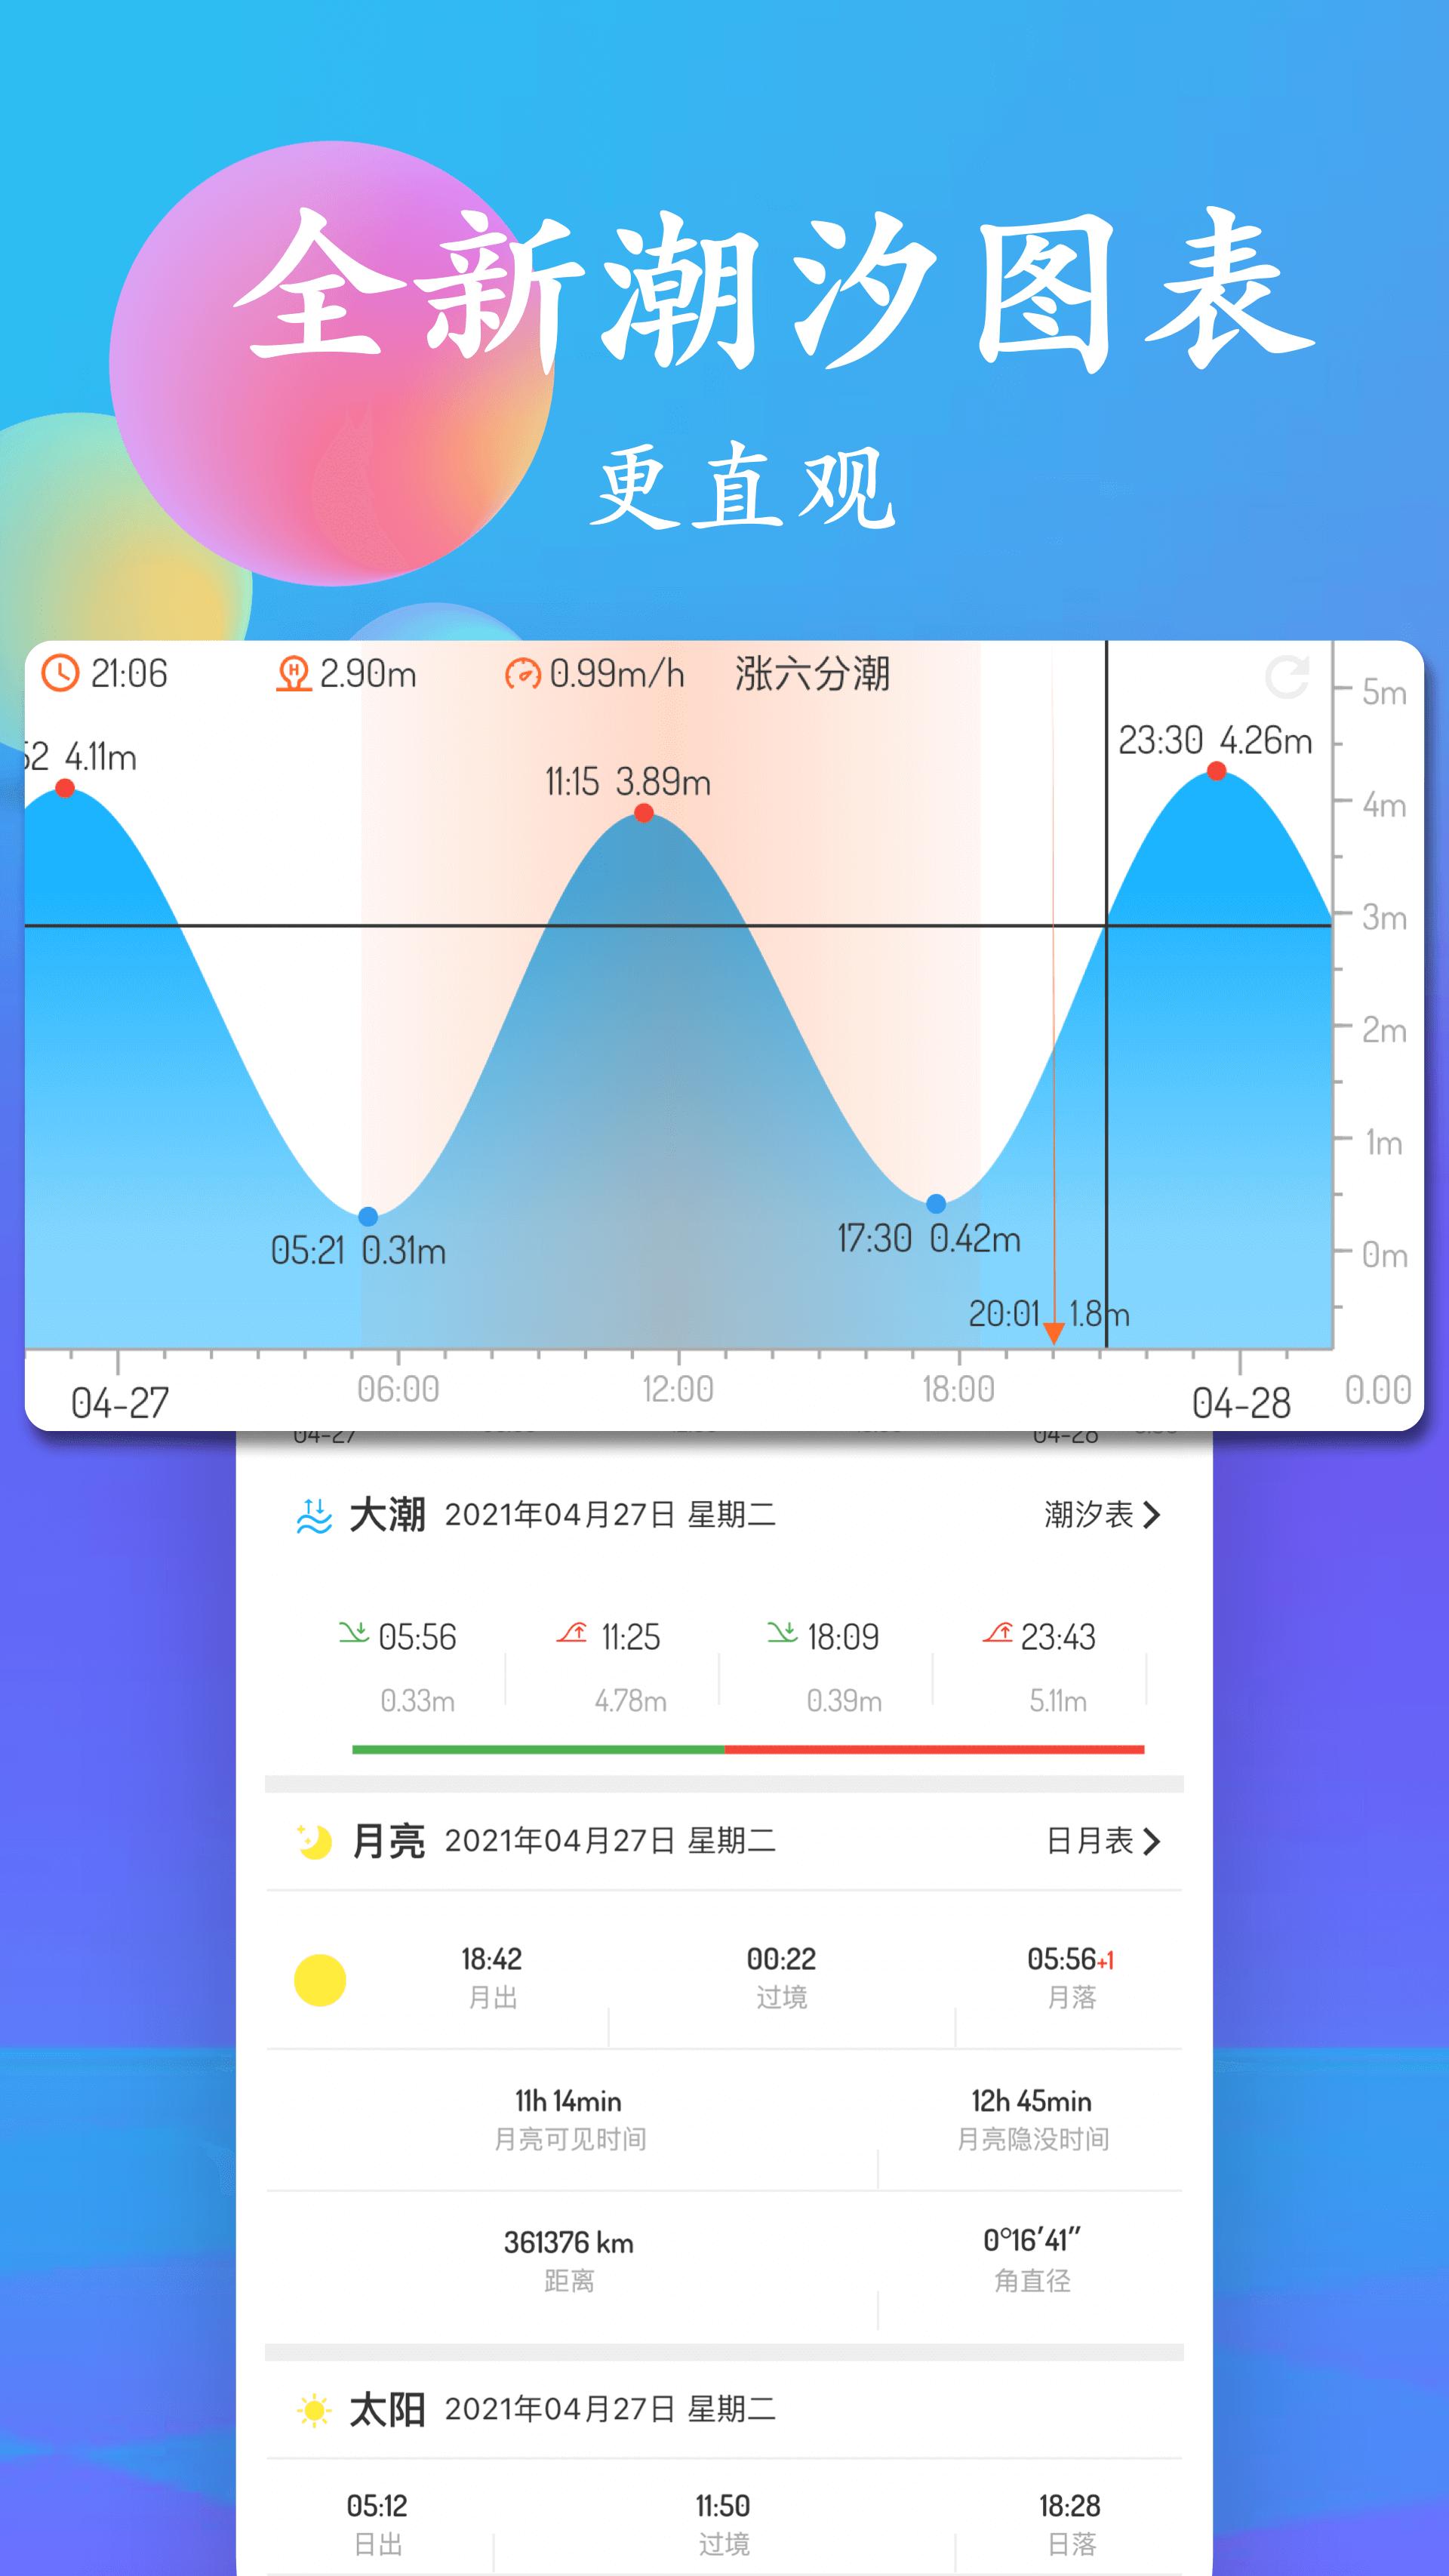 潮汐表 V3.1 安卓版截图2